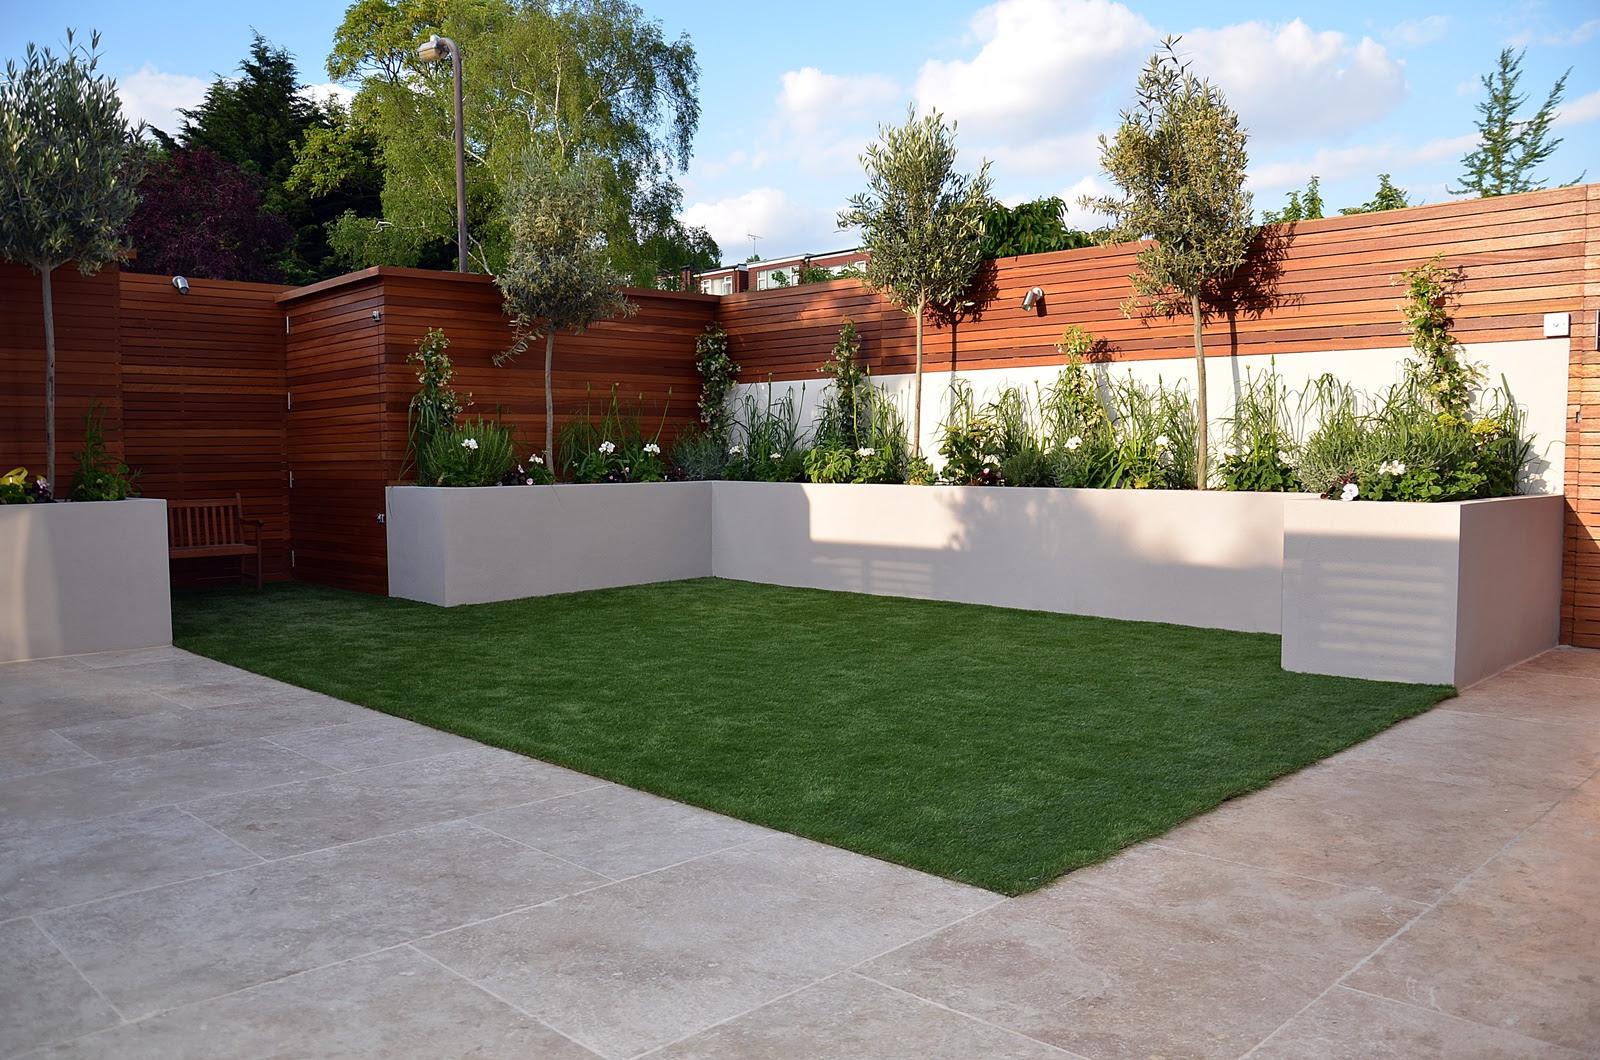 oriental garden ideas uk home minimalist modern